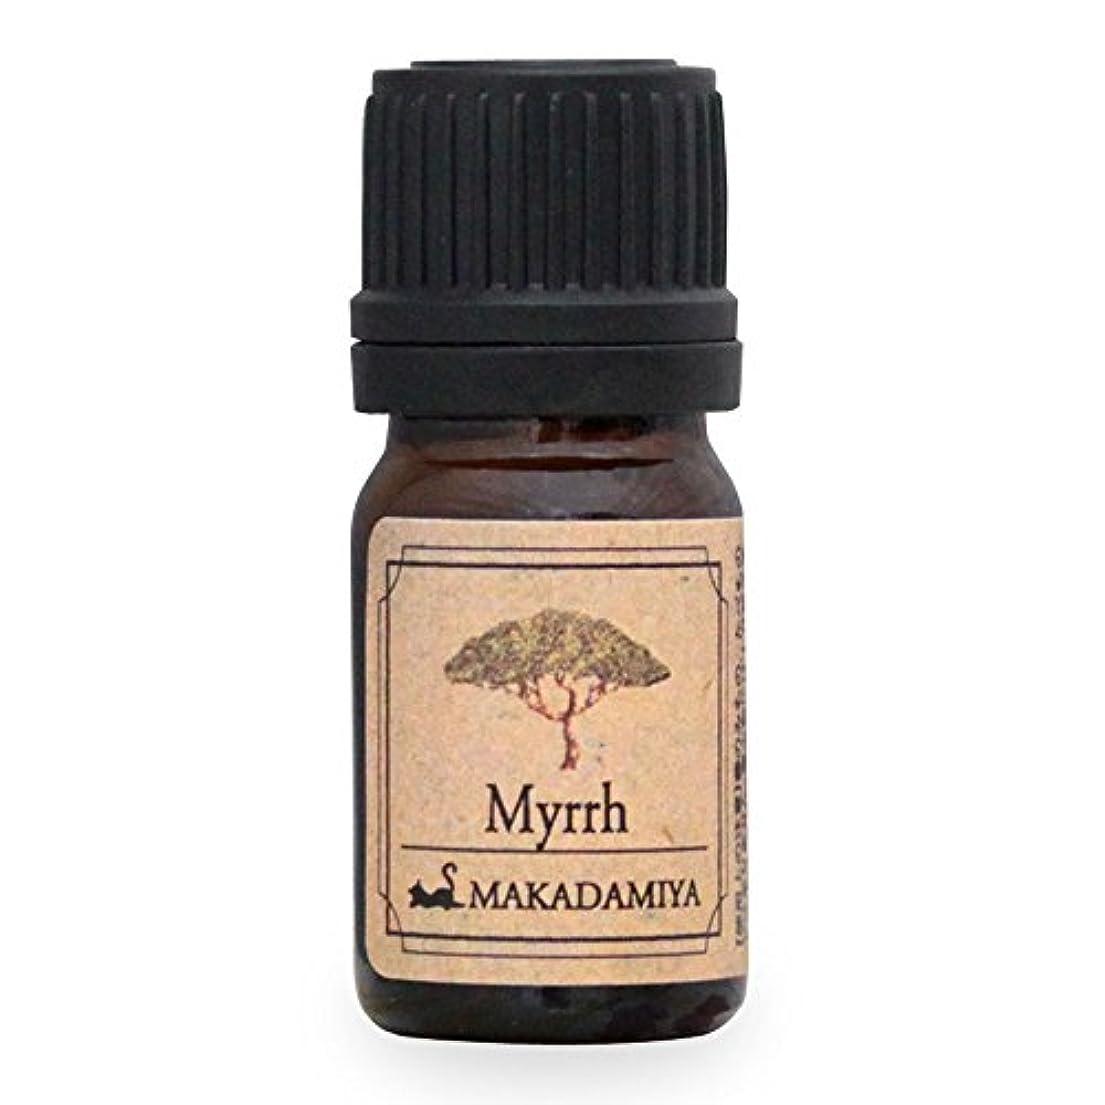 間違っている操縦する虚弱ミルラ5ml 天然100%植物性 エッセンシャルオイル(精油) アロマオイル アロママッサージ aroma Myrrh